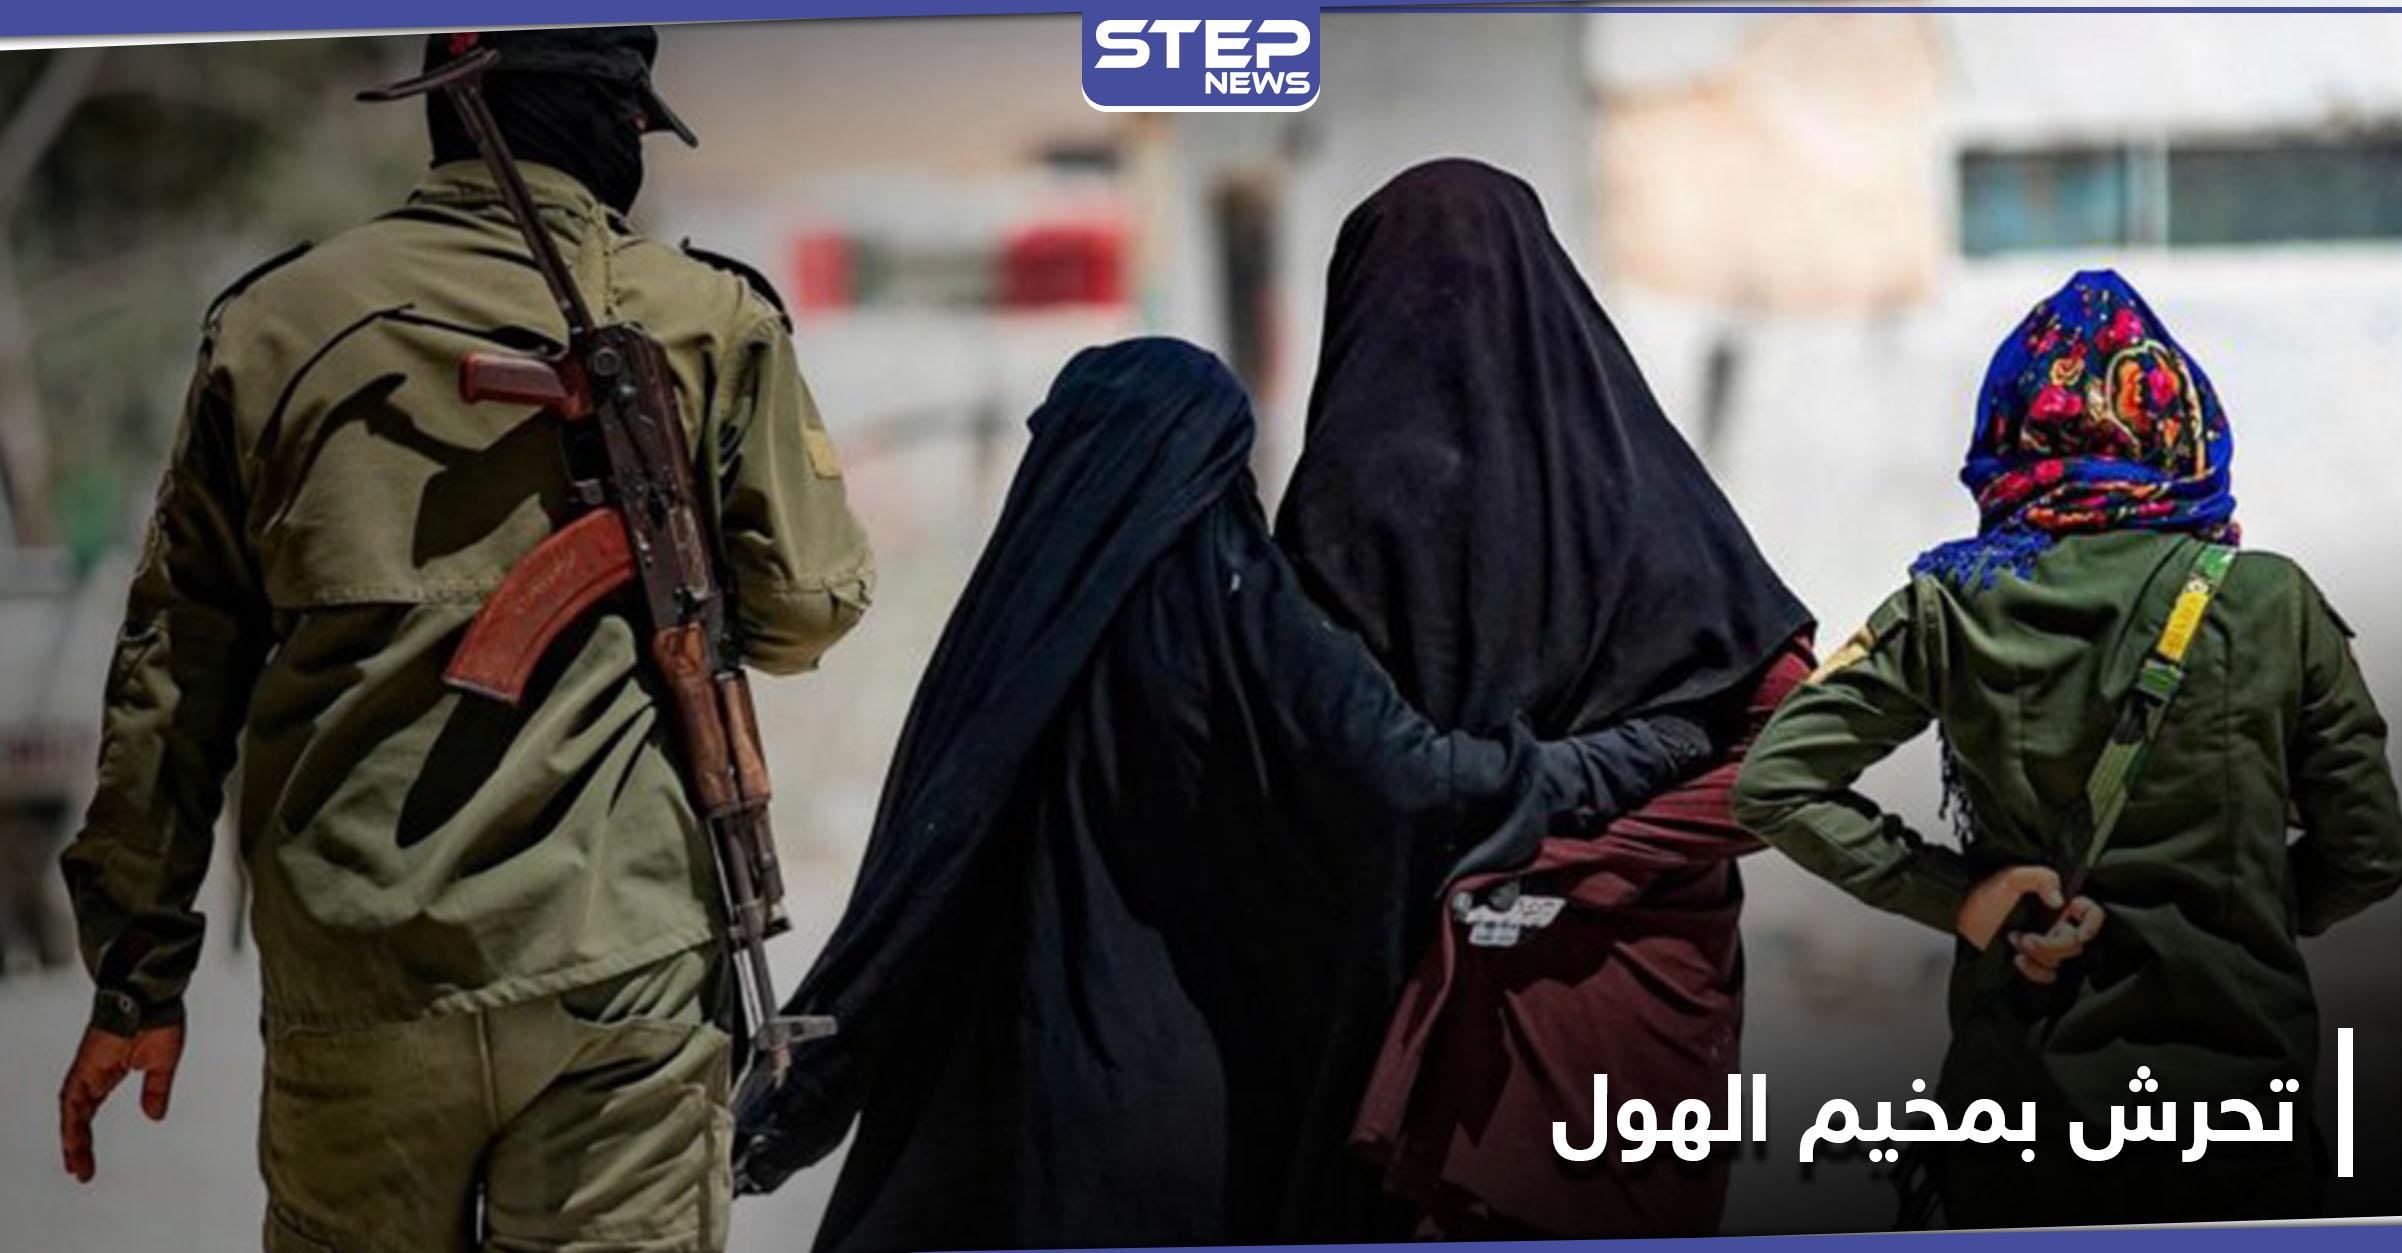 """عنصر بـ """"قسد"""" يتحرش جنسيًا بسيدة عراقية في مخيم الهول"""